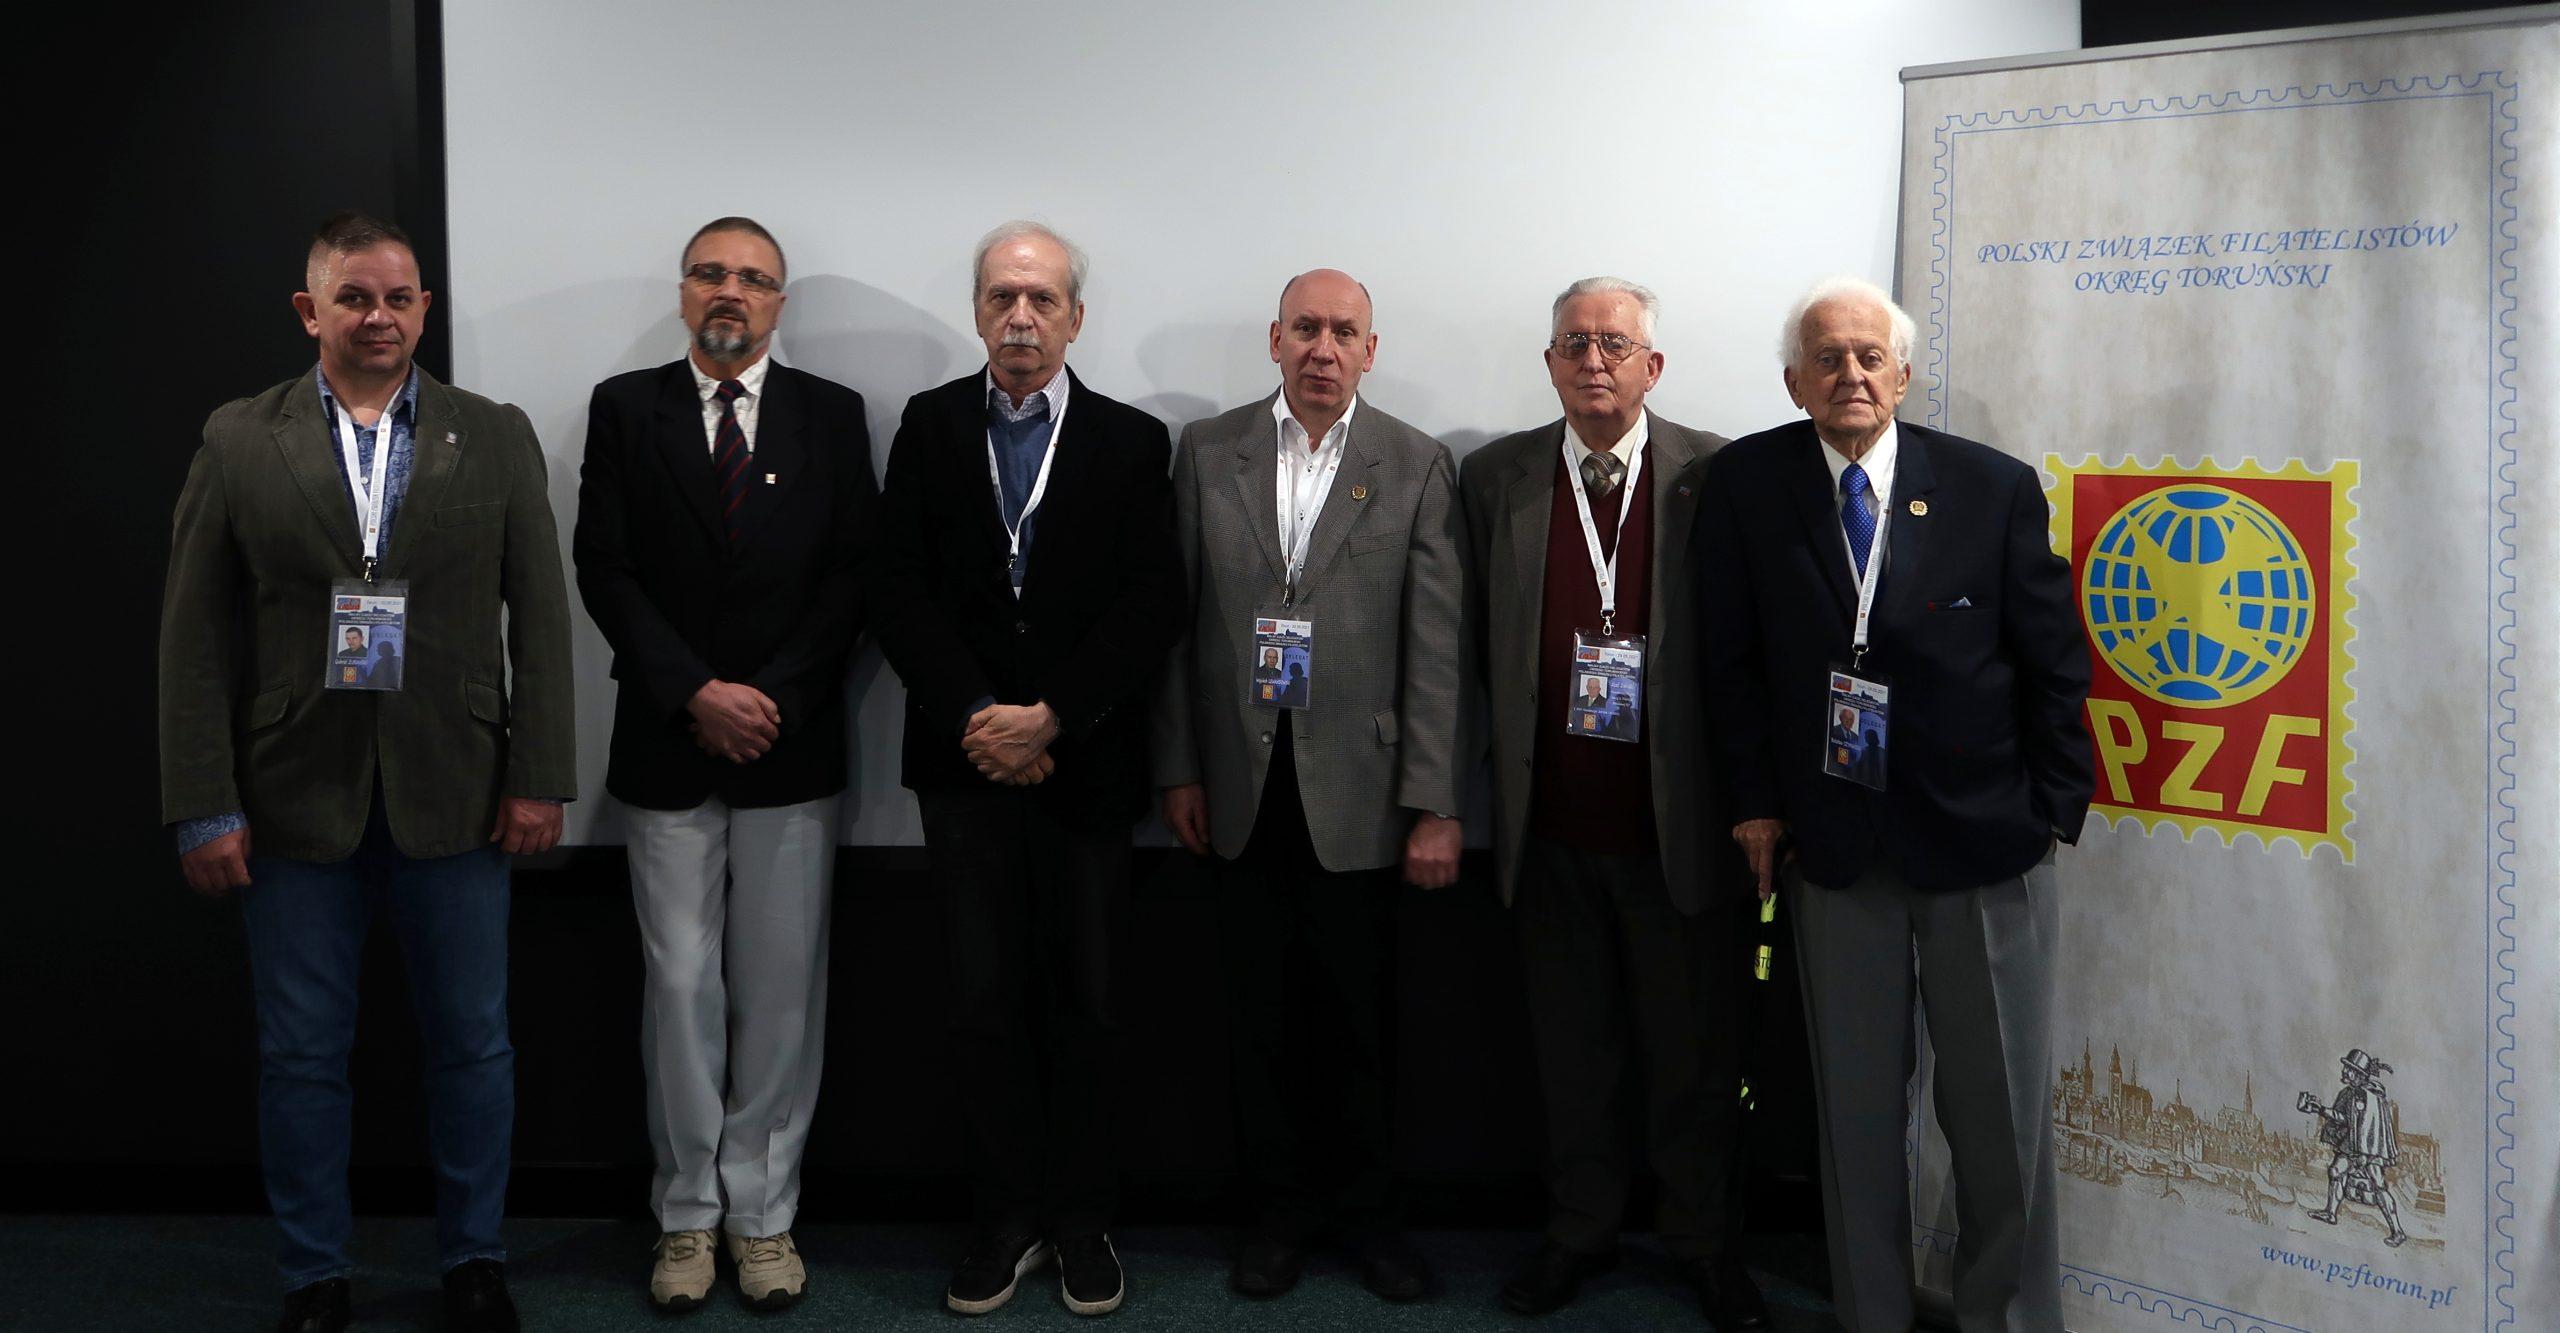 Kadencja Zarządu PZF TORUŃ 2021 - 2025